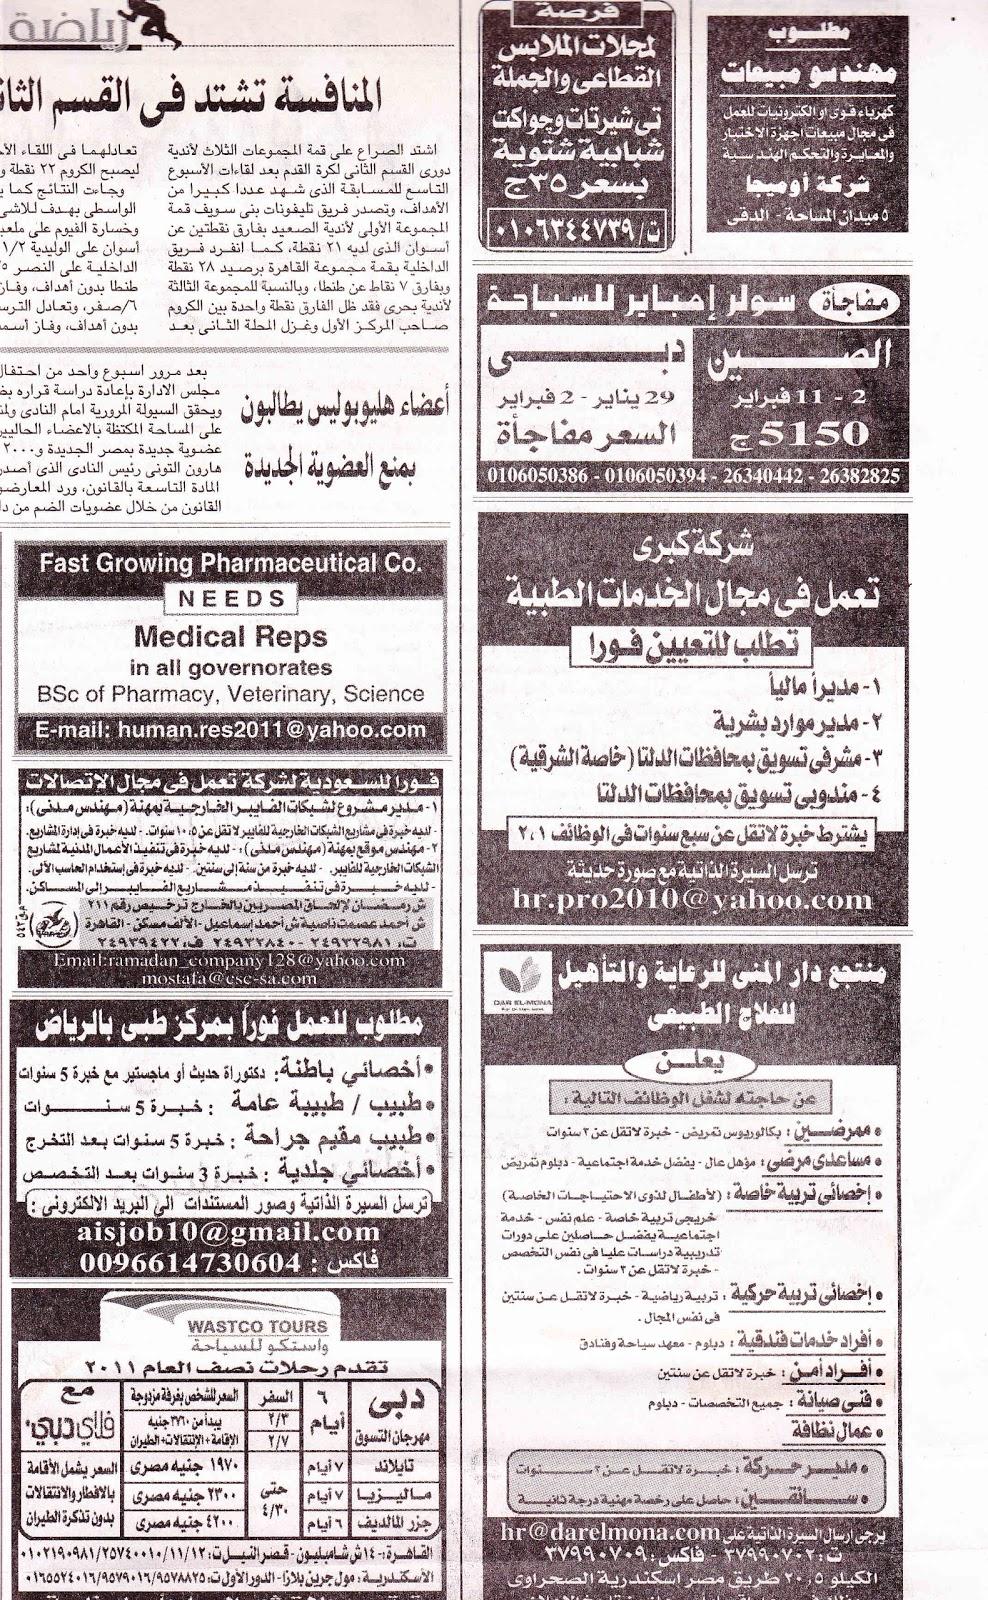 وظائف أهرام الجمعه 7/1/2011: http://forex2b.blogspot.com.br/2011/01/712011_4217.html